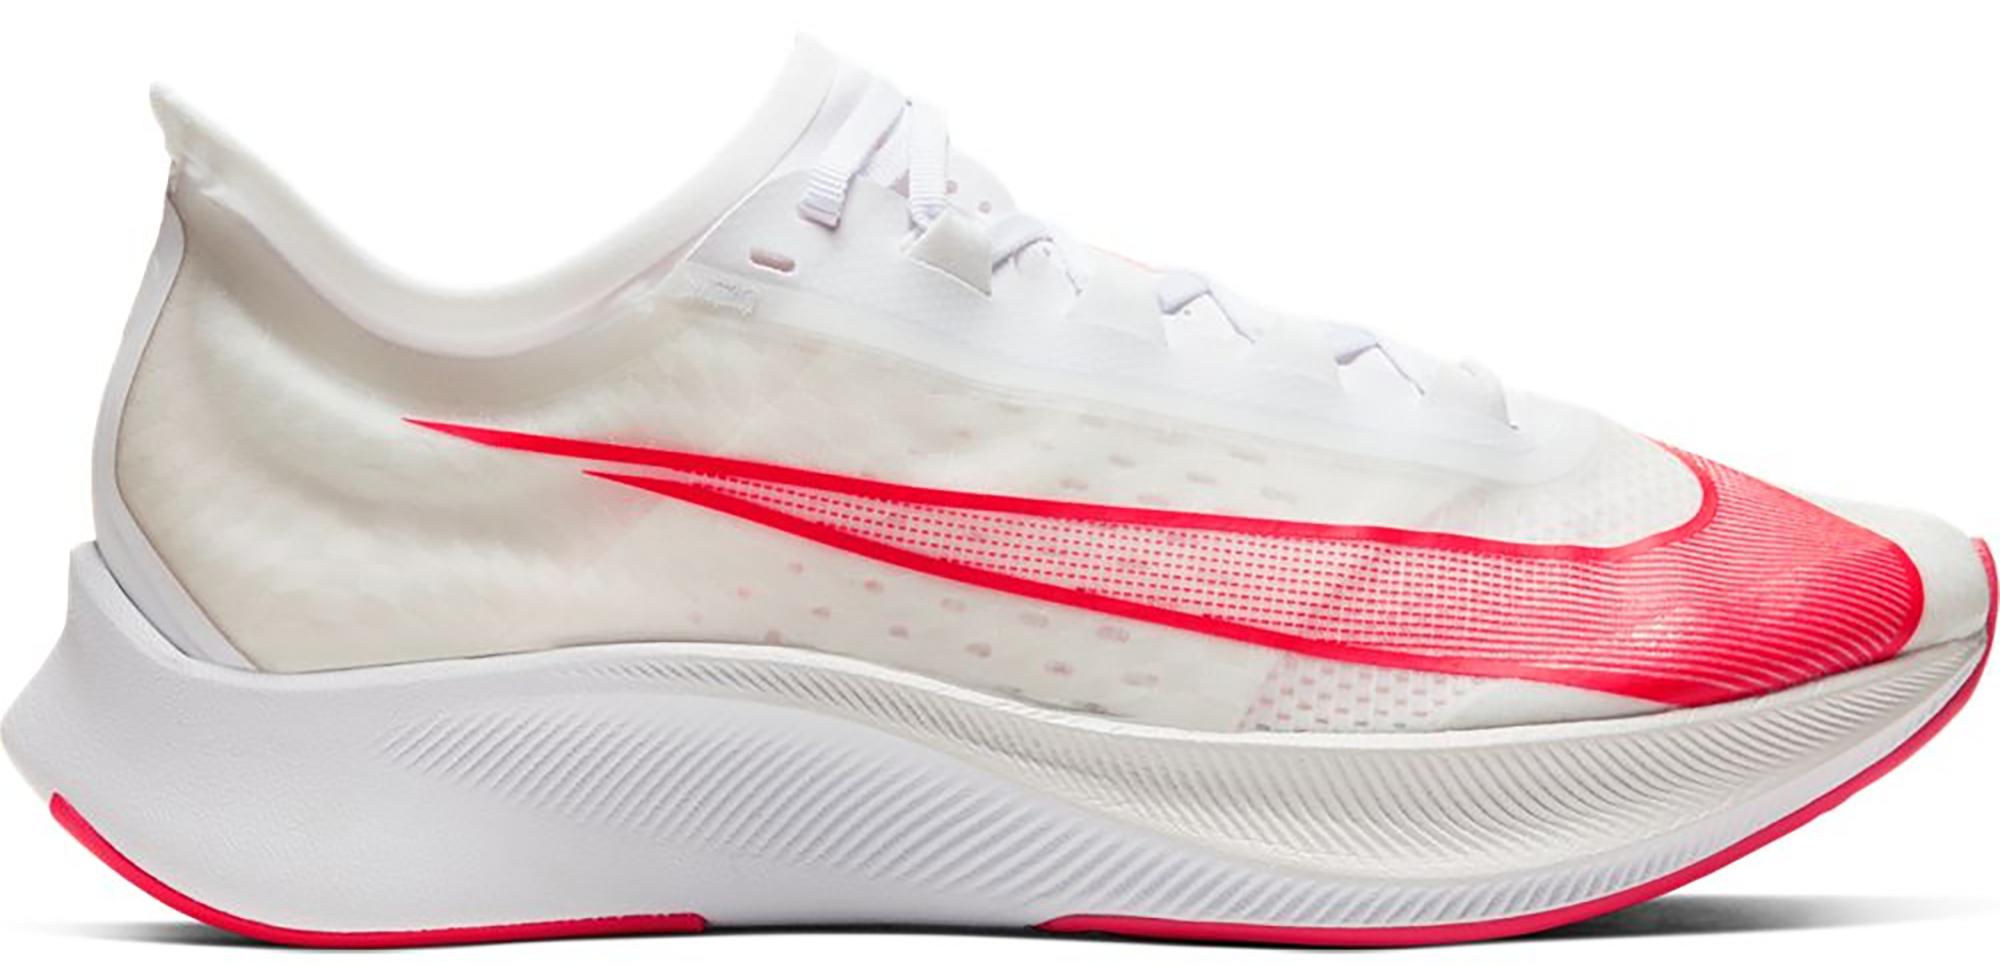 Nike Zoom Fly 3 White Laser Crimson